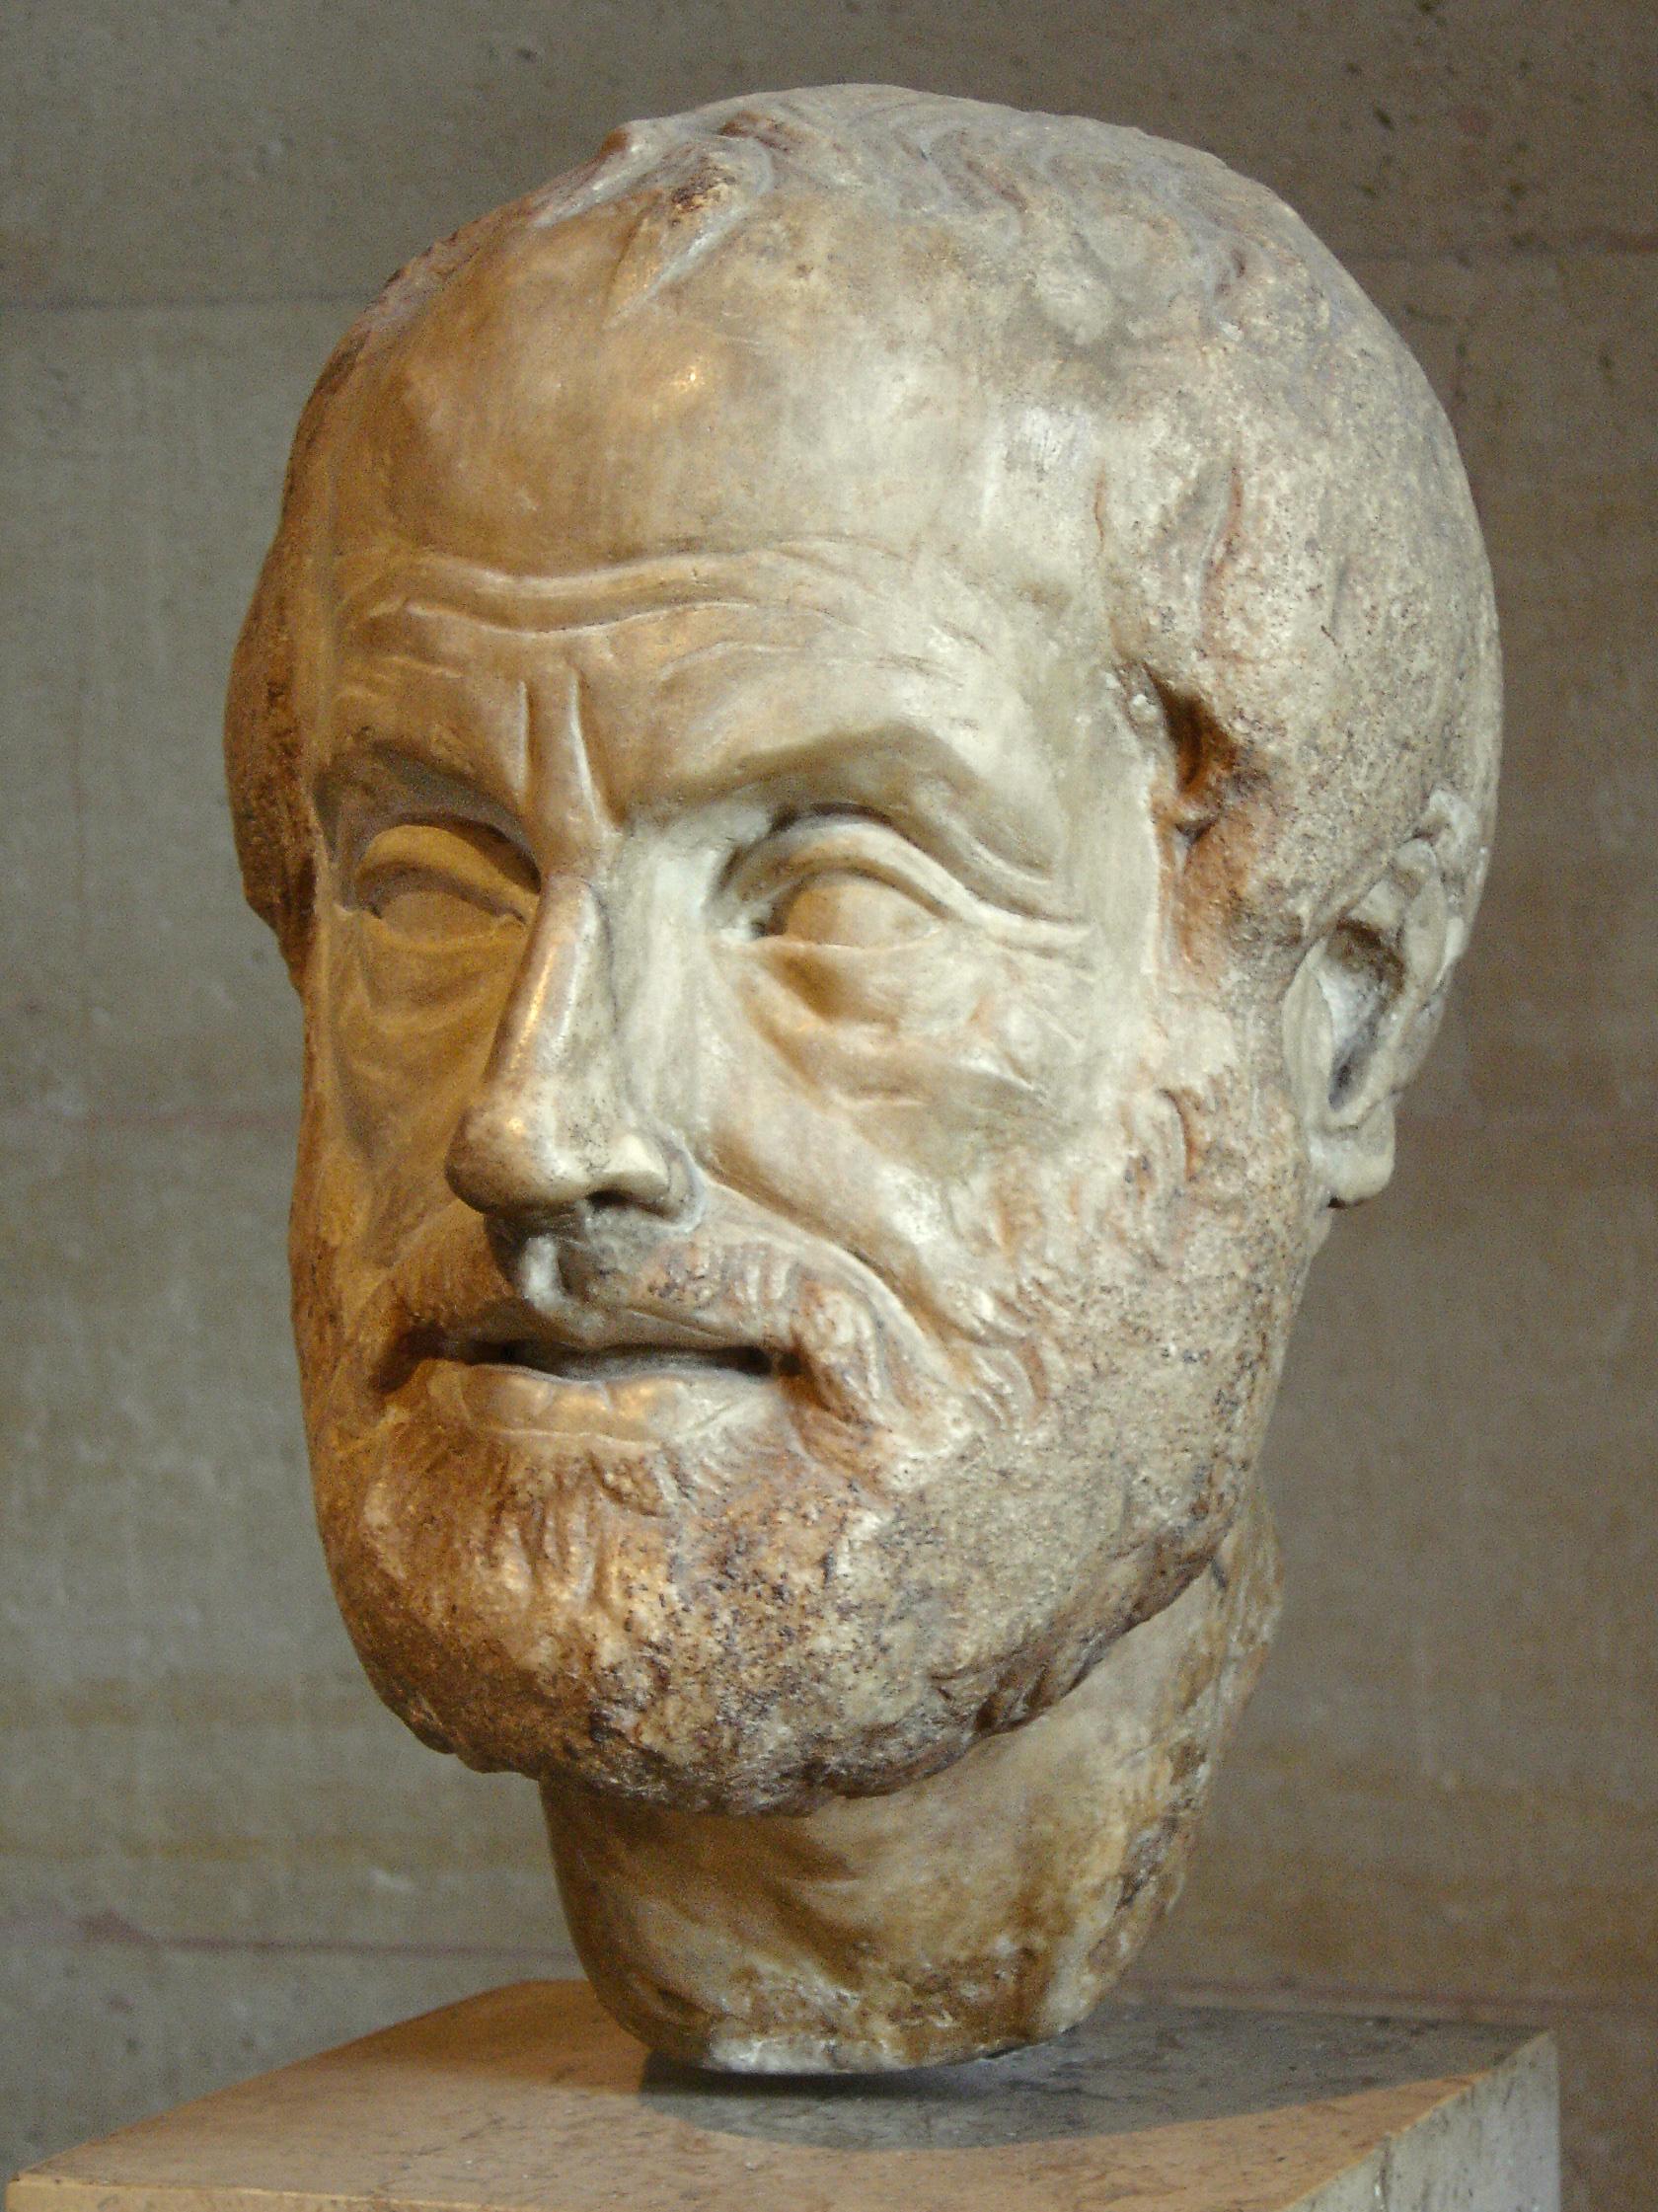 Arisztotelész nézete